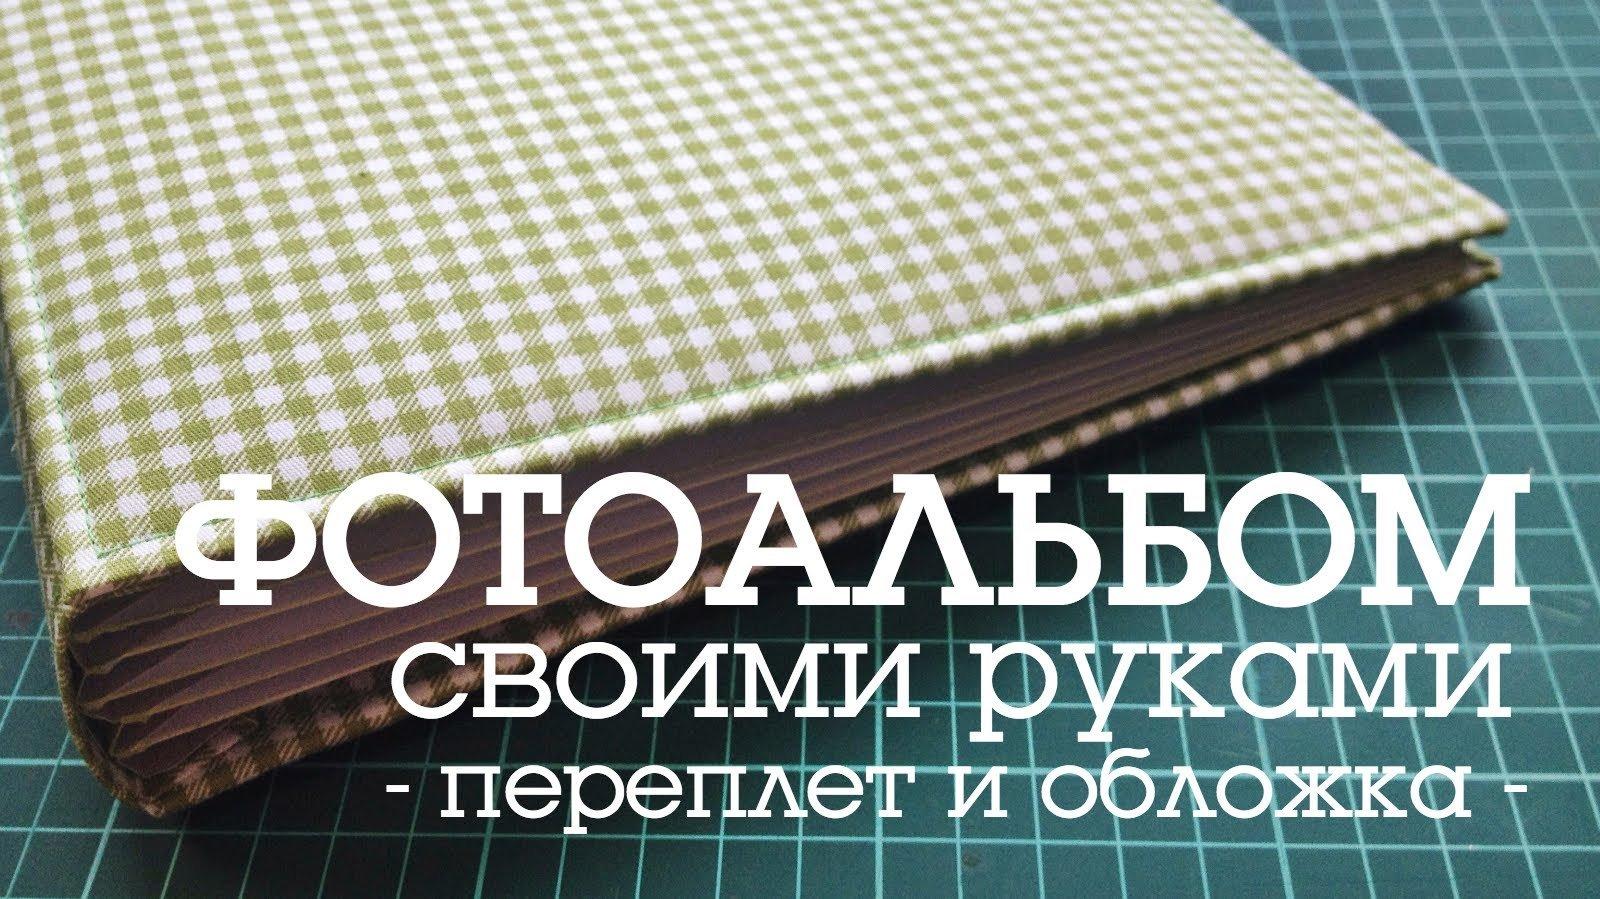 Листы для фотоальбома своими руками